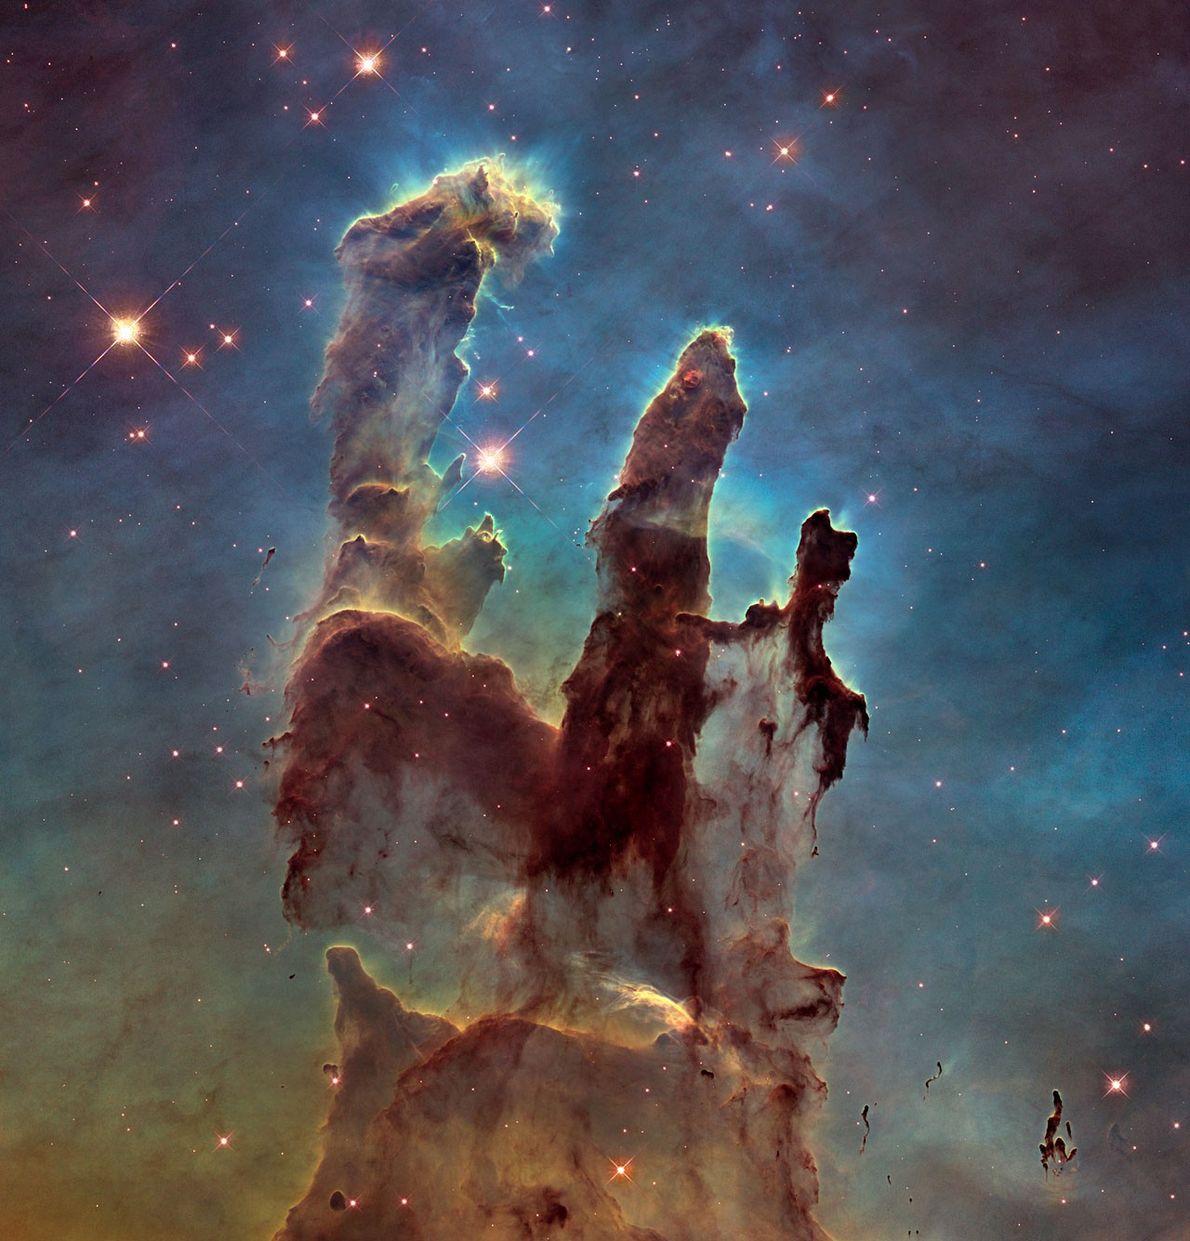 """Los """"Pilares de la Creación"""" en la Nebulosa del Águila es quizás la imagen más emblemática ..."""